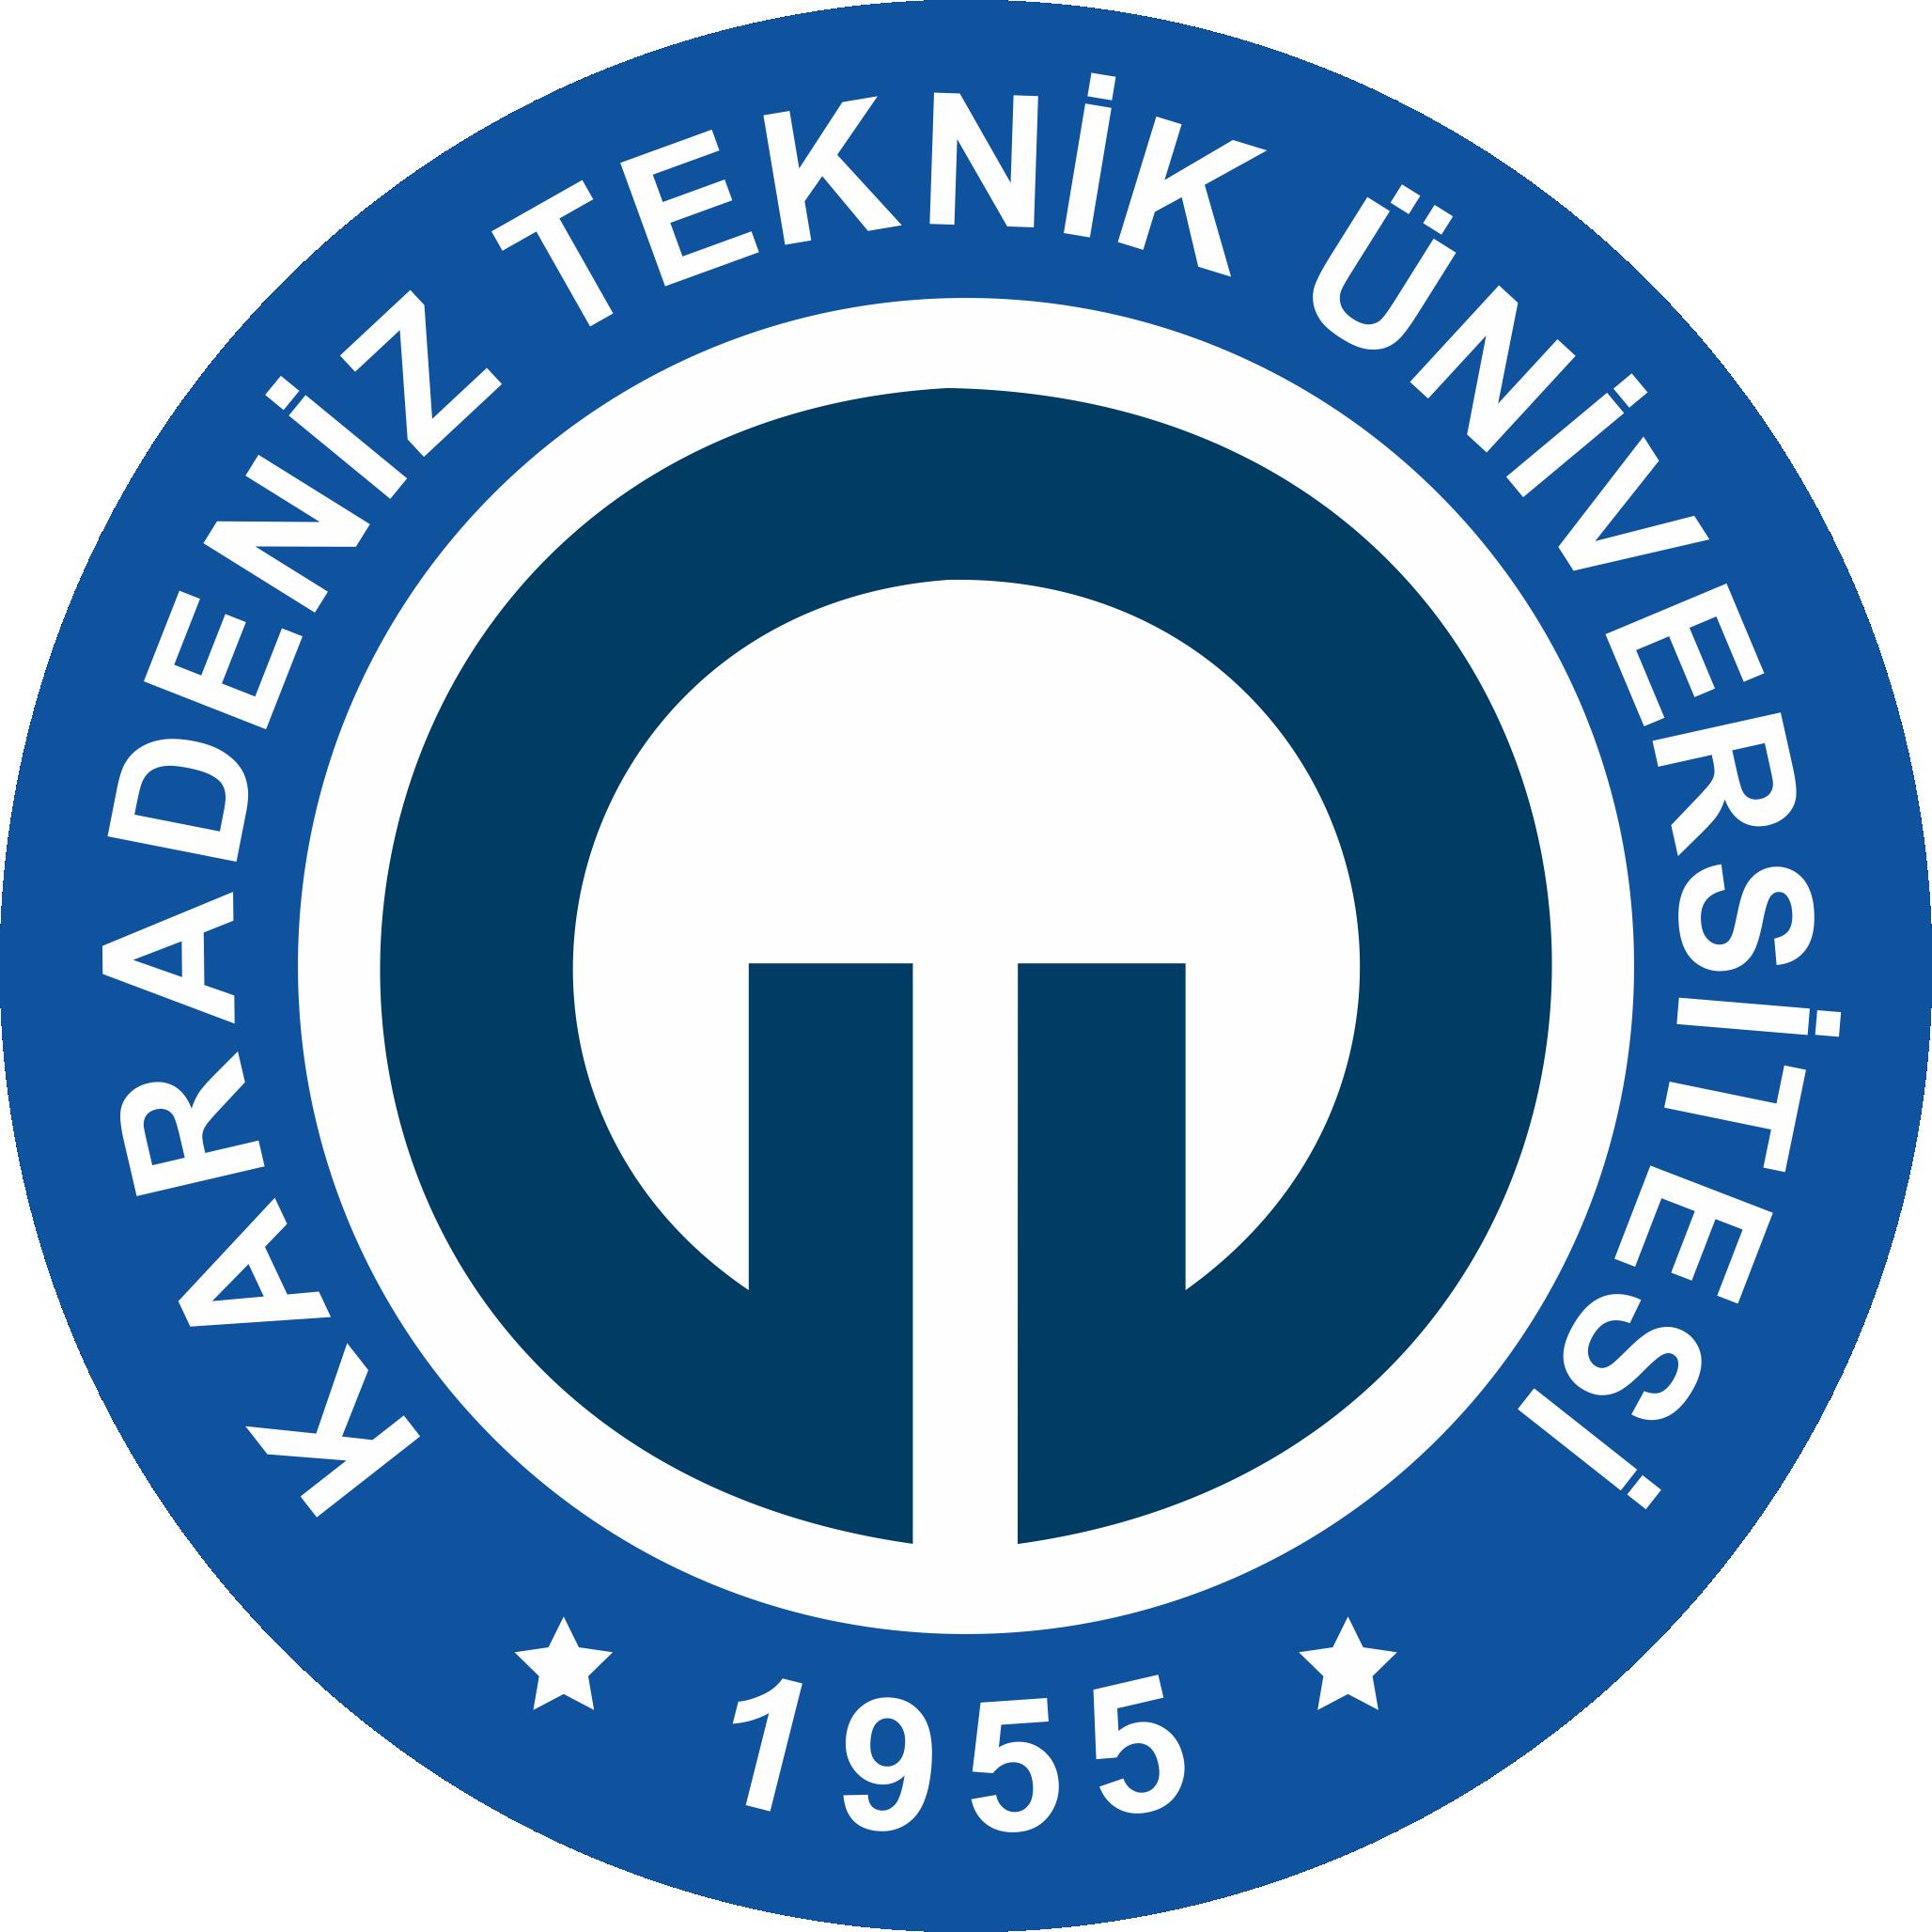 Karadeniz Teknik Üniversitesi ytj